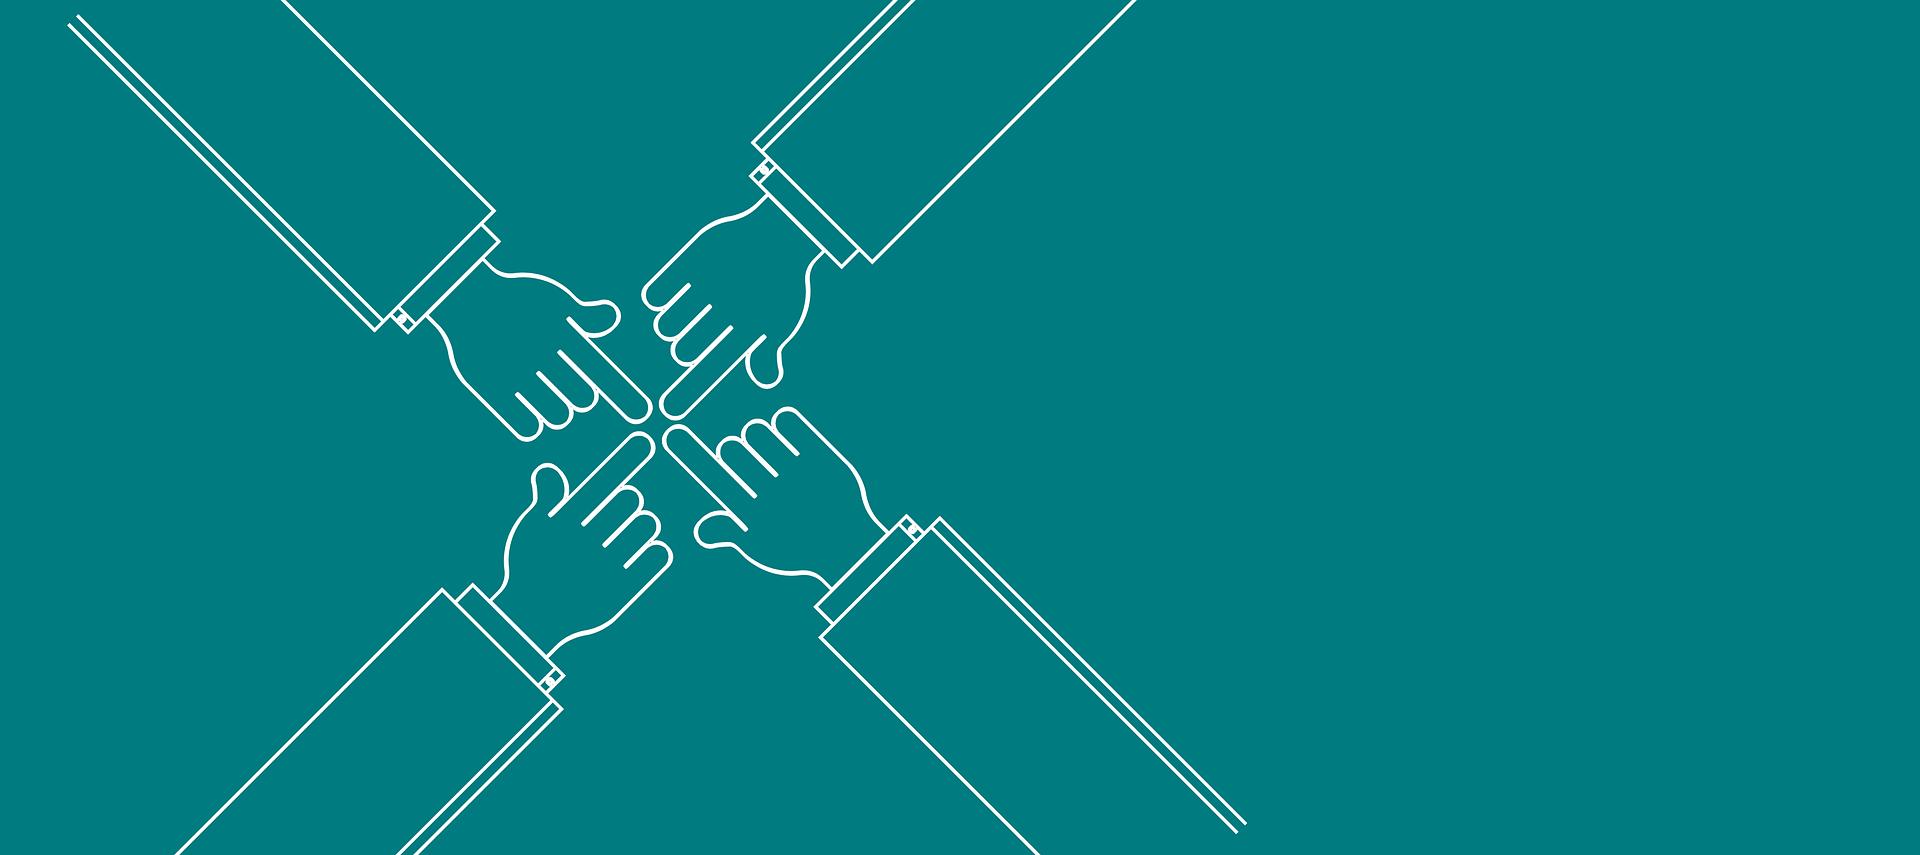 quatre bras de partenaires dessinés à l'opposé se touchant avec l'index au centre